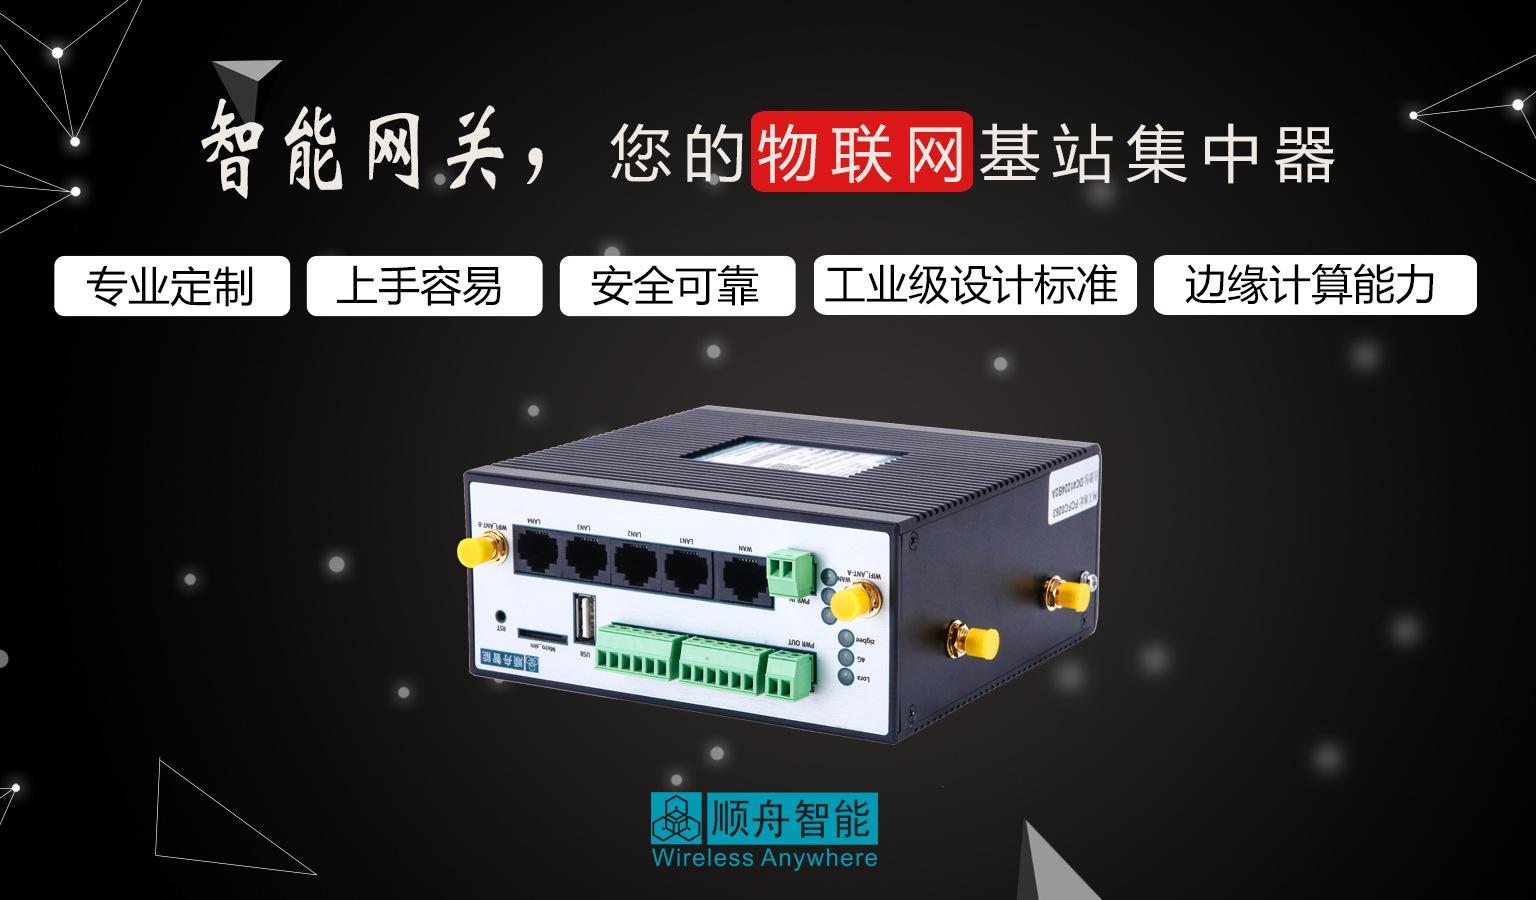 智能照明用网关 物联网控制网关免现场布线 数据长距离高速传输示例图2